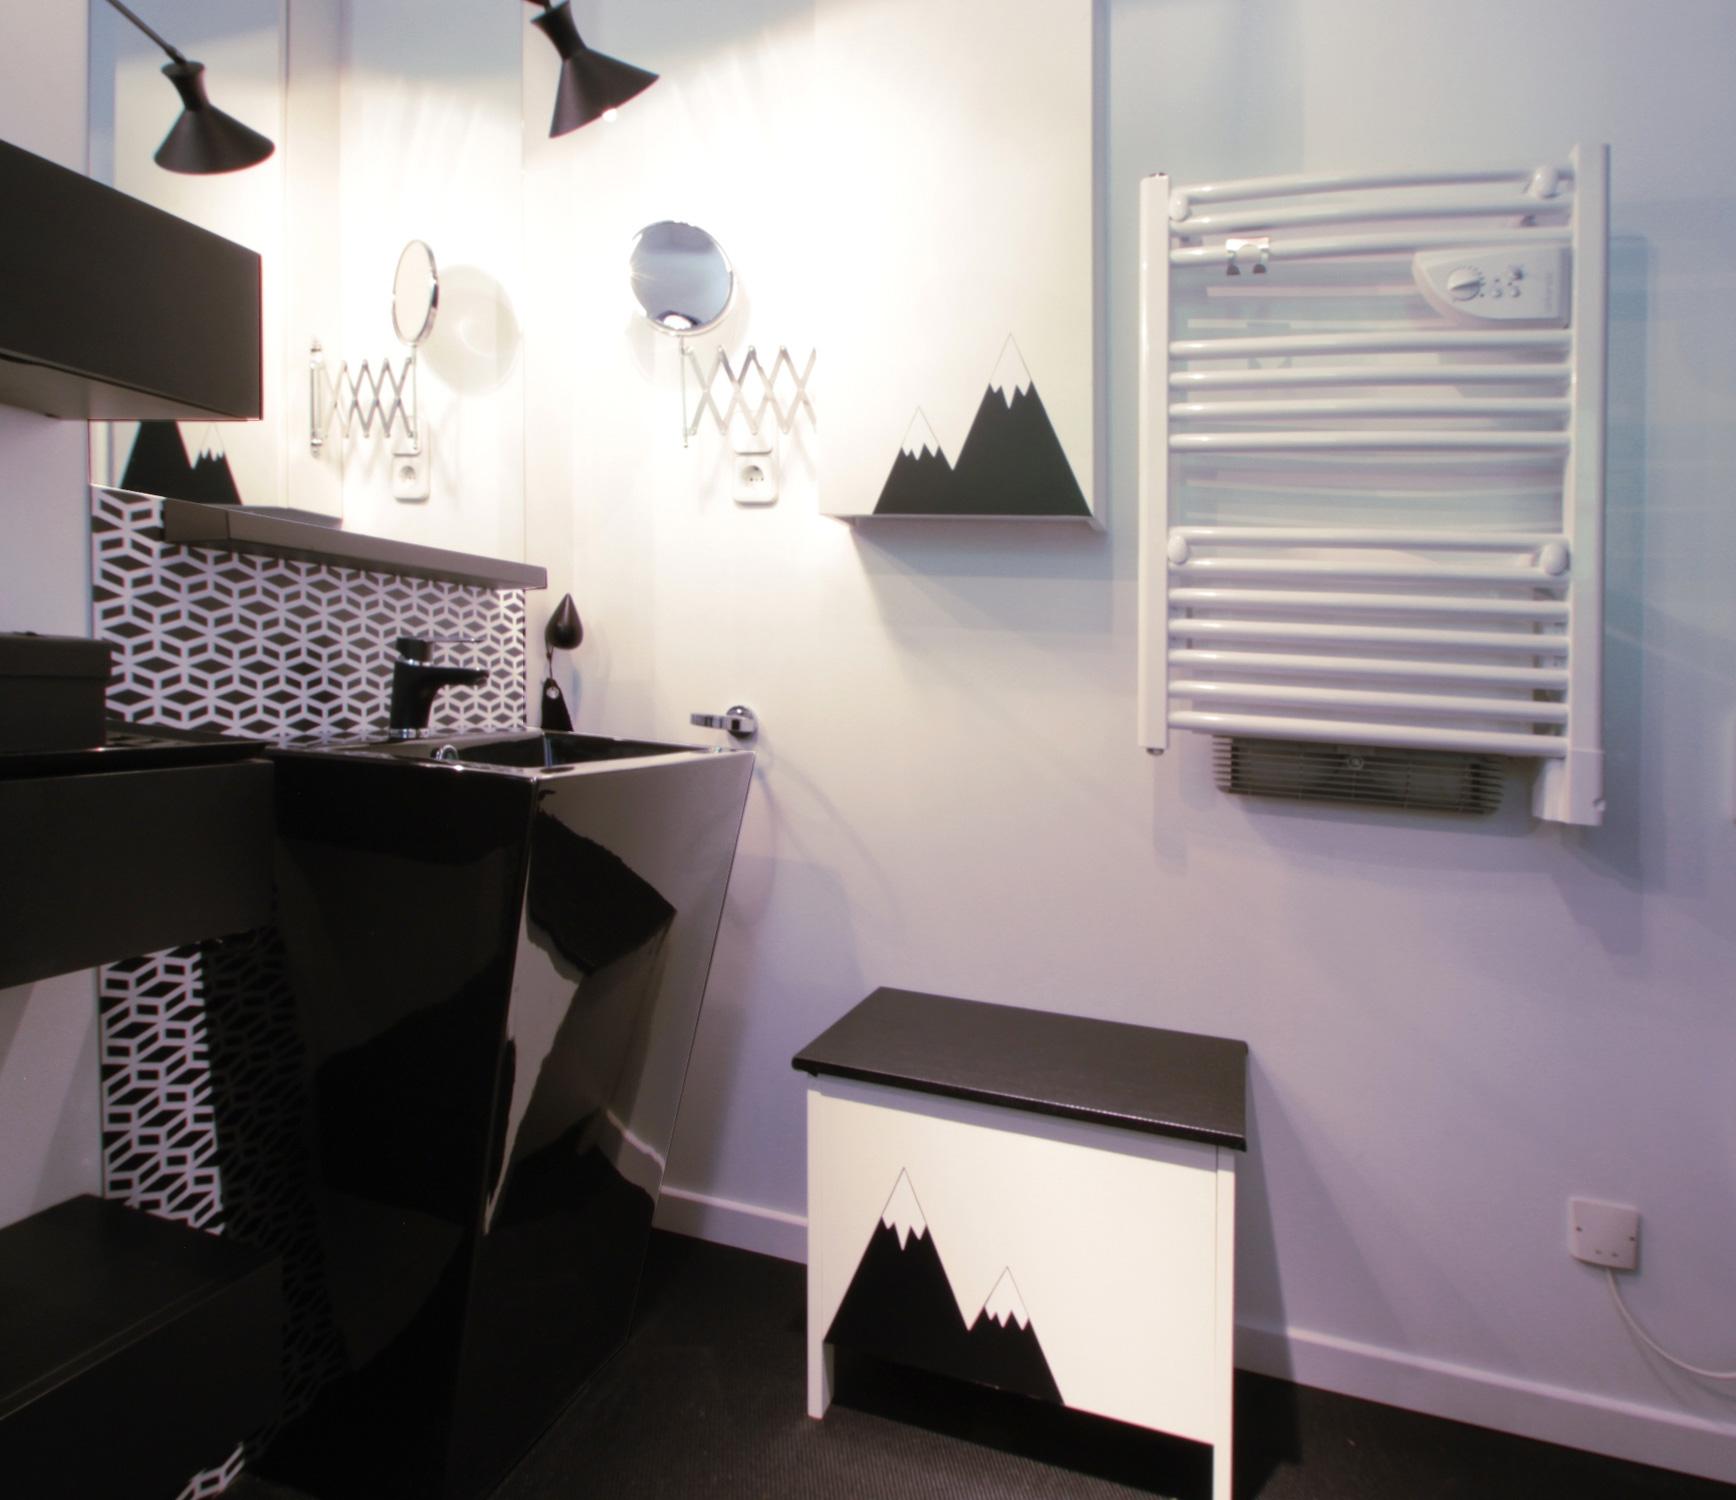 Deco 1 meuble rangement sdb malo design for Deco sdb design